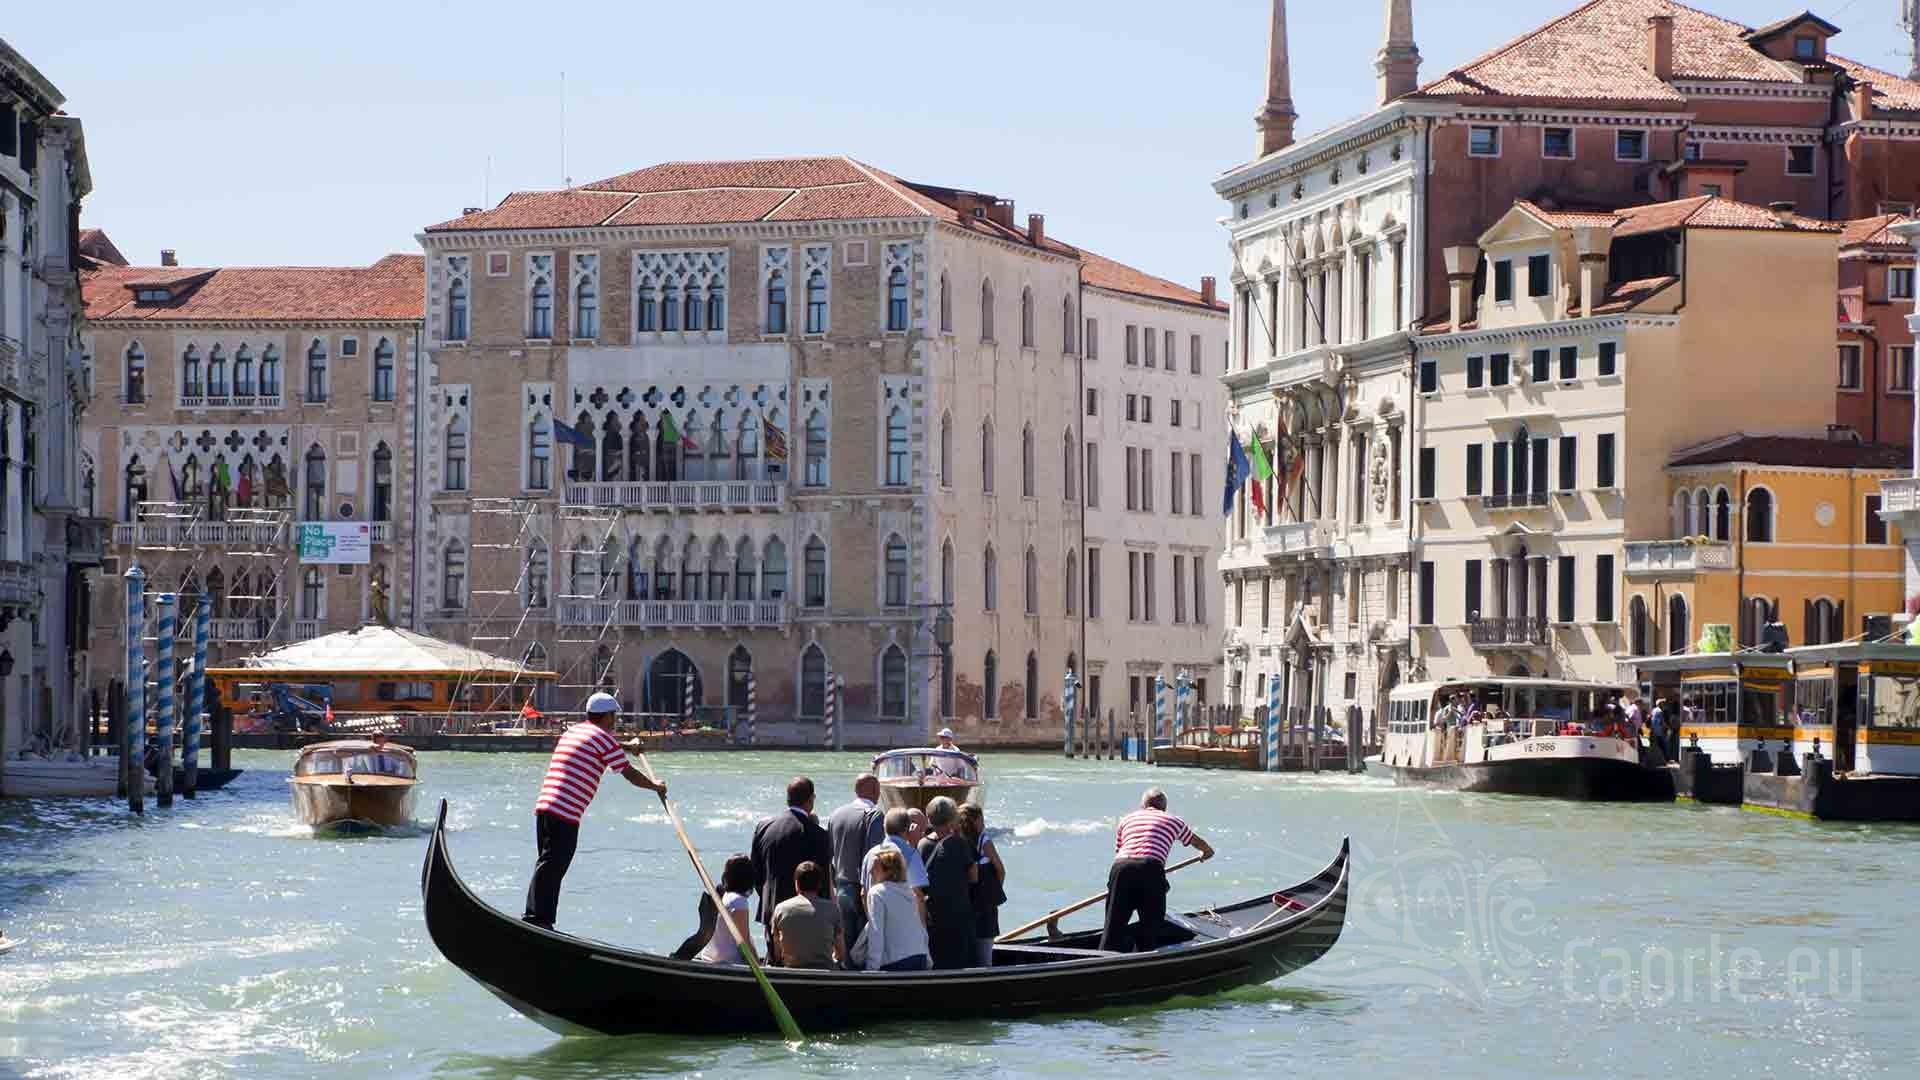 Ufficio Informazioni A Venezia : Dal fontego dei tedeschi a t fondaco a venezia l ex palazzo delle